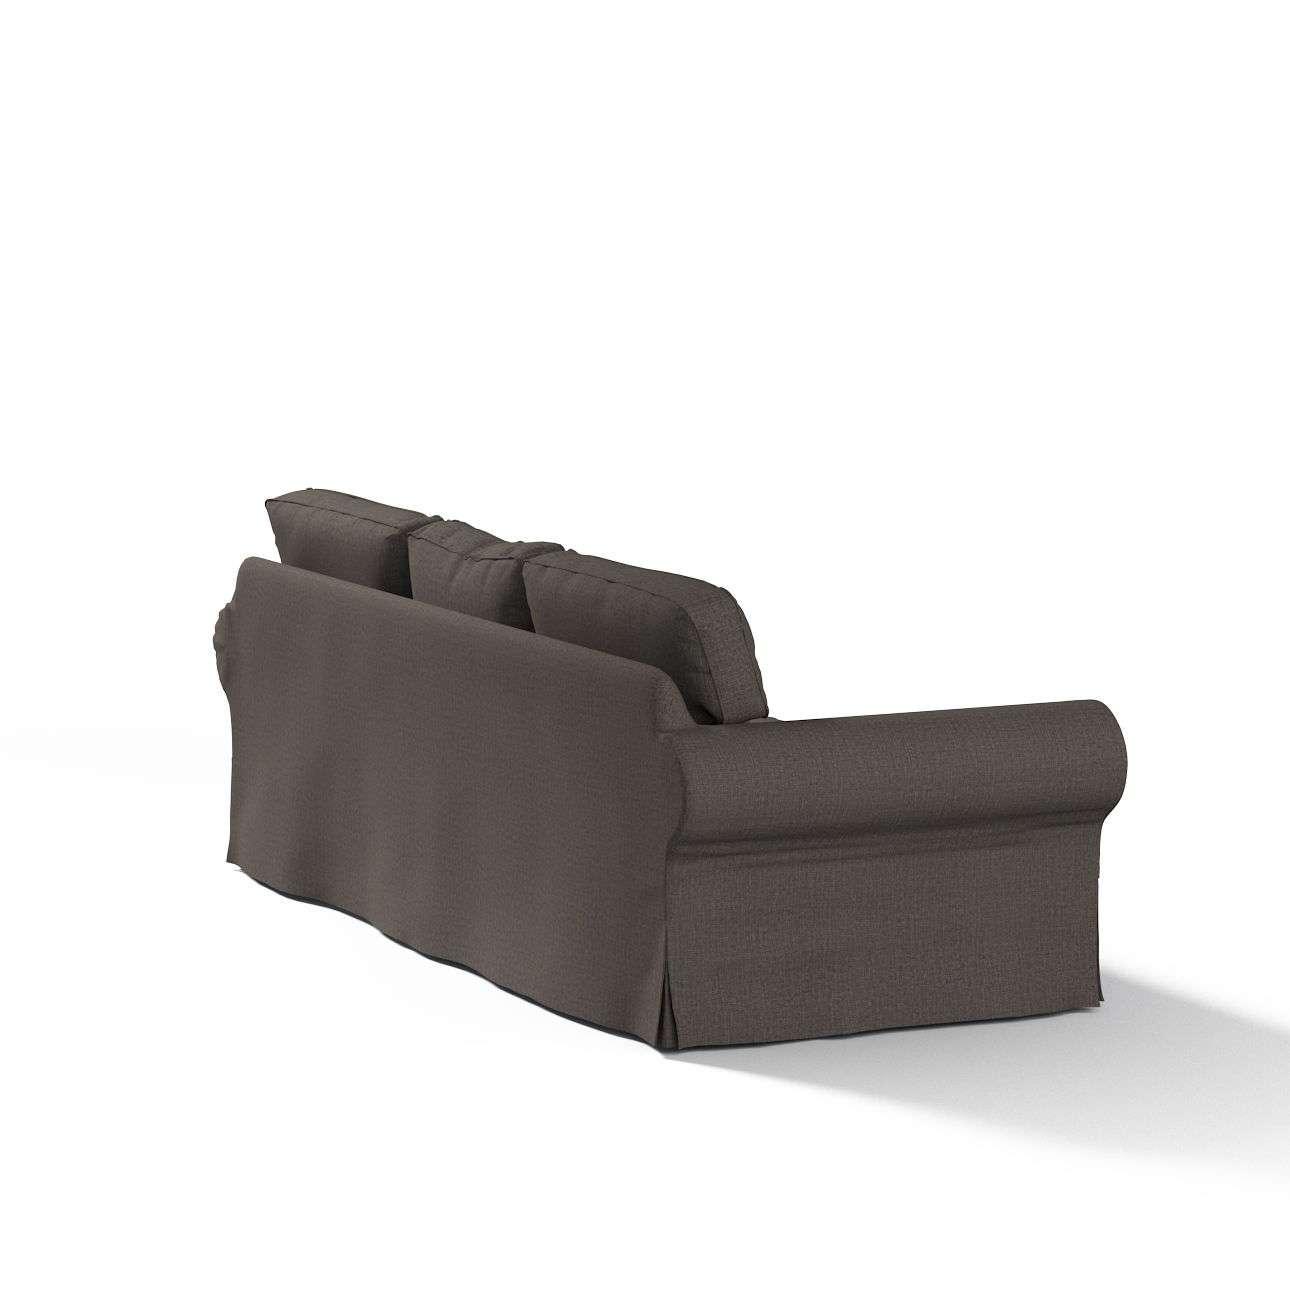 Ektorp 3 sæder Betræk uden sofa fra kollektionen Vintage, Stof: 702-36